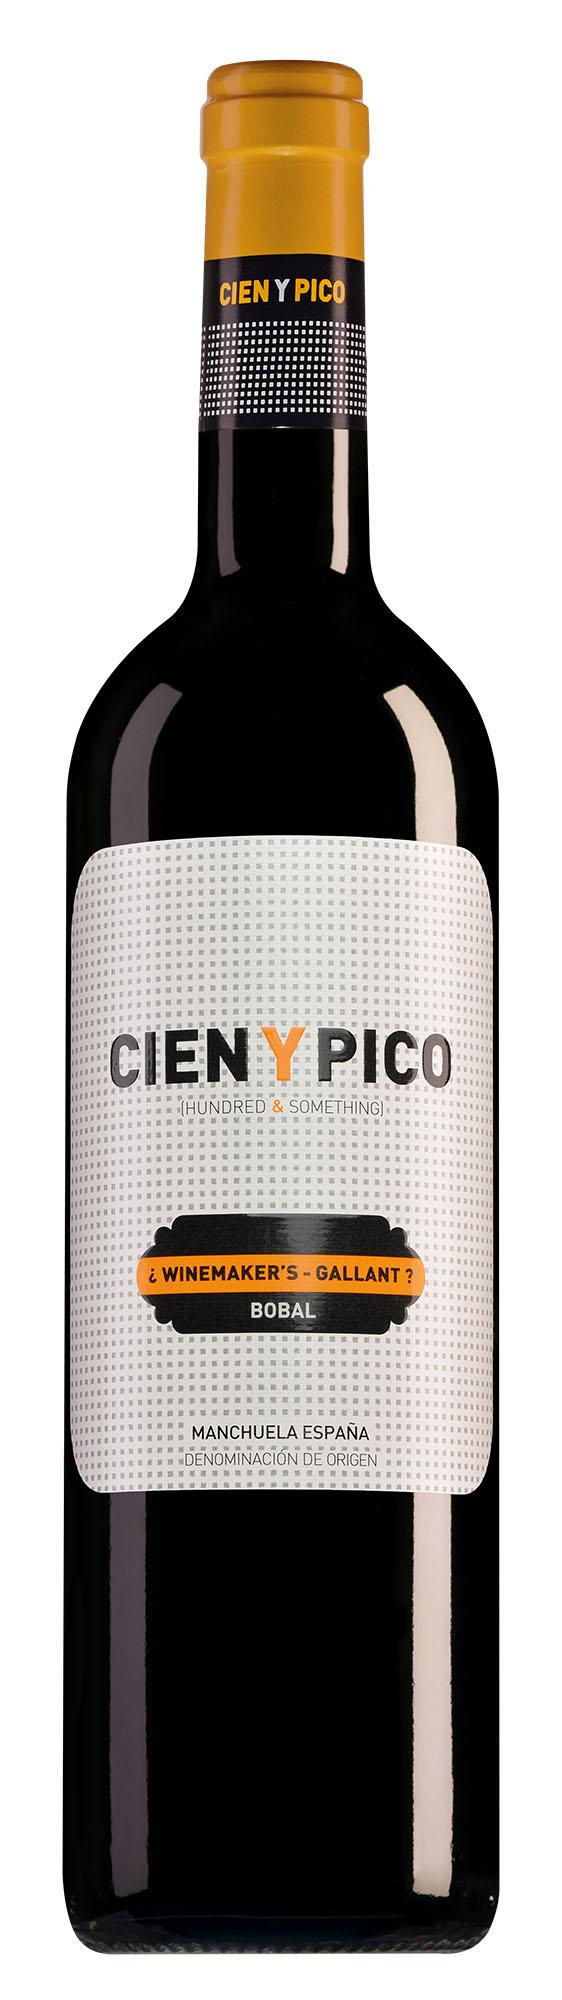 Cien y Pico Manchuela Winemaker's-Gallant Bobal